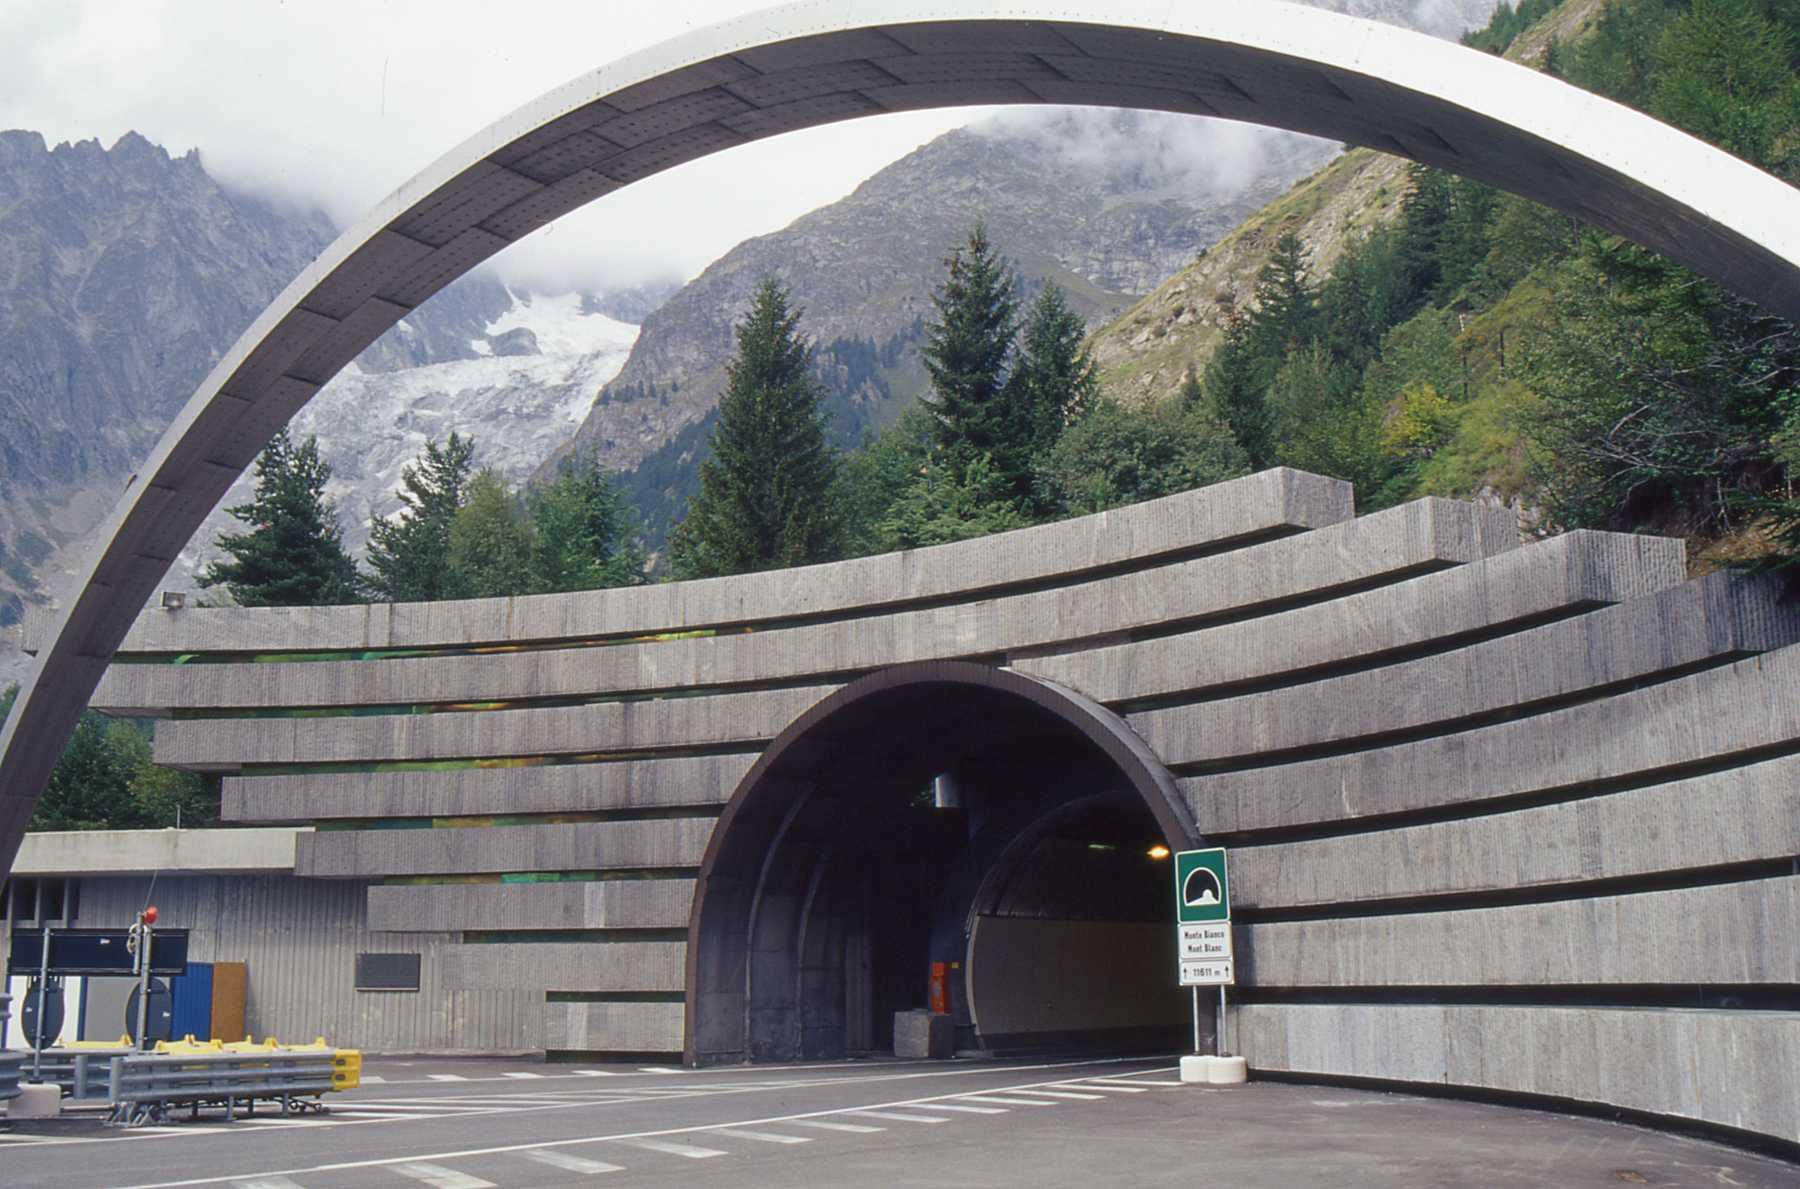 manutenzione nel Traforo del Monte Bianco